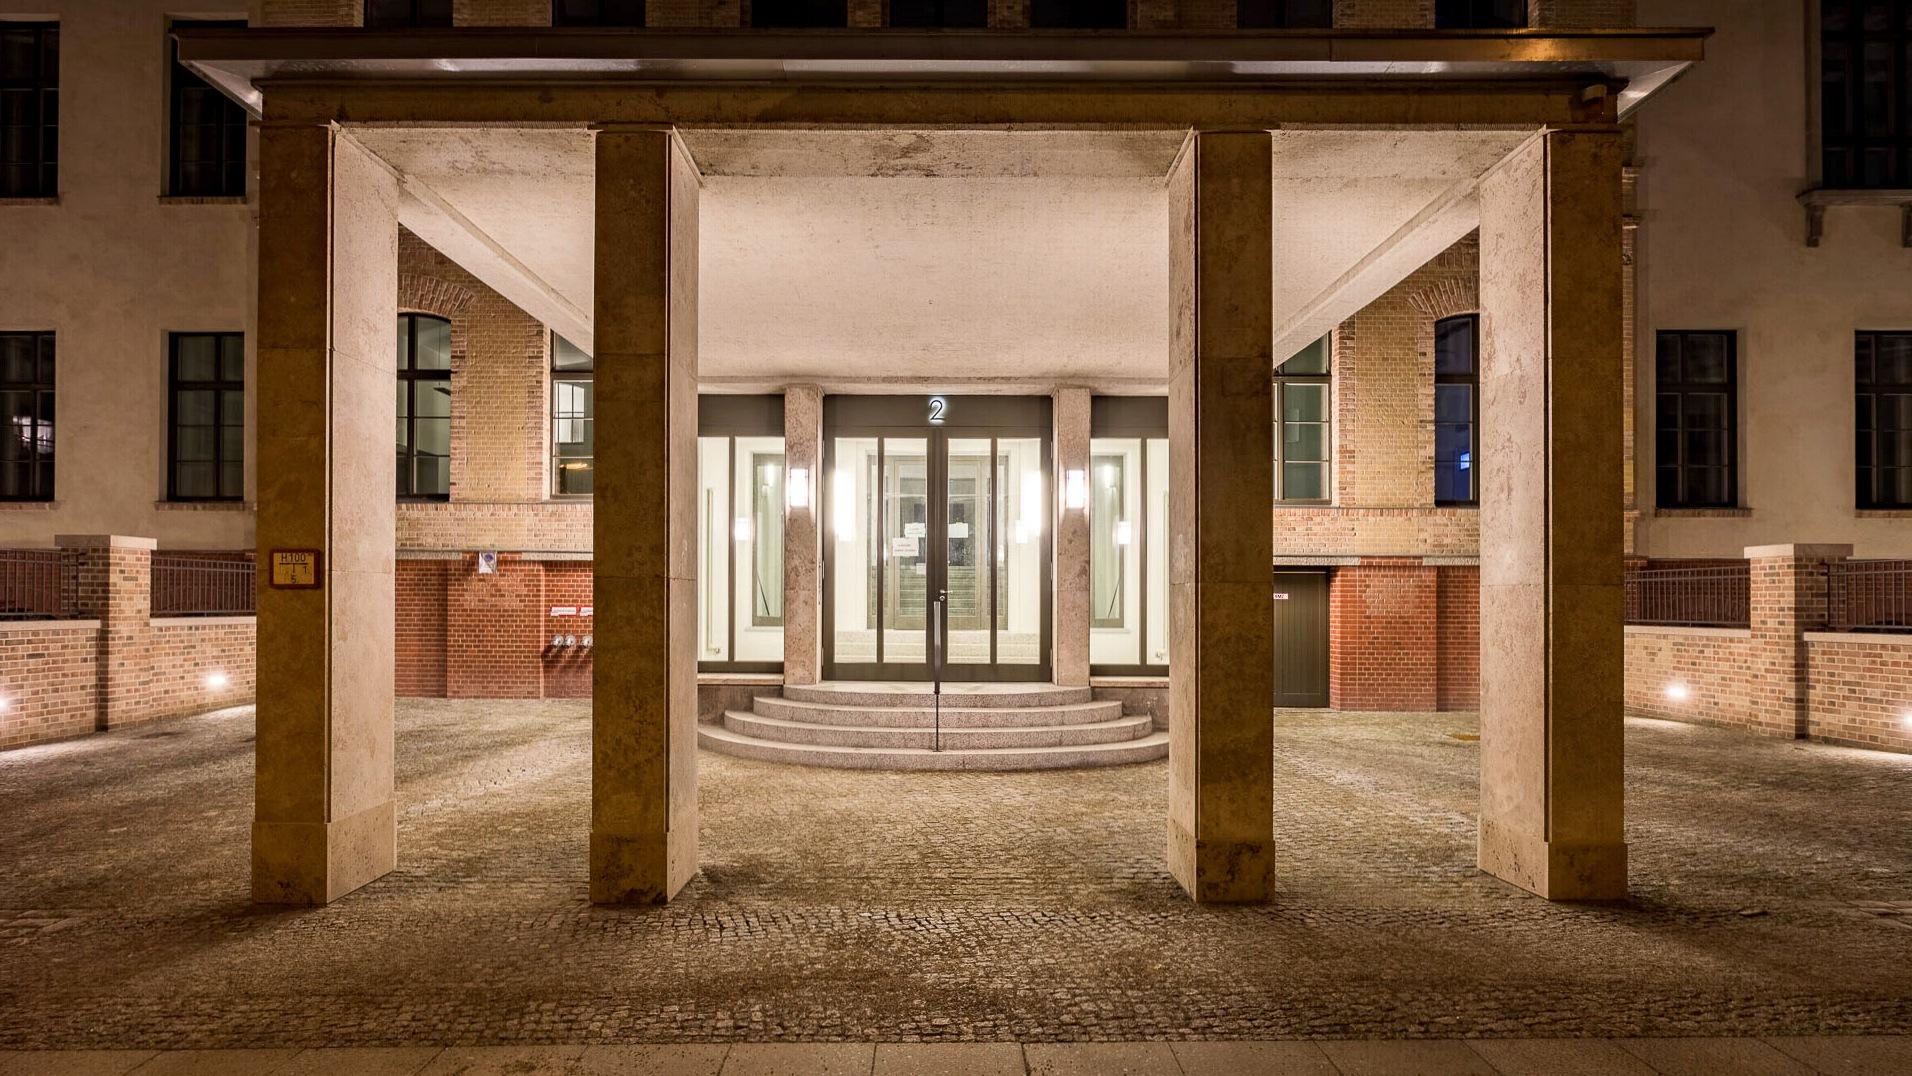 Entrance by JeckstadtPhotography